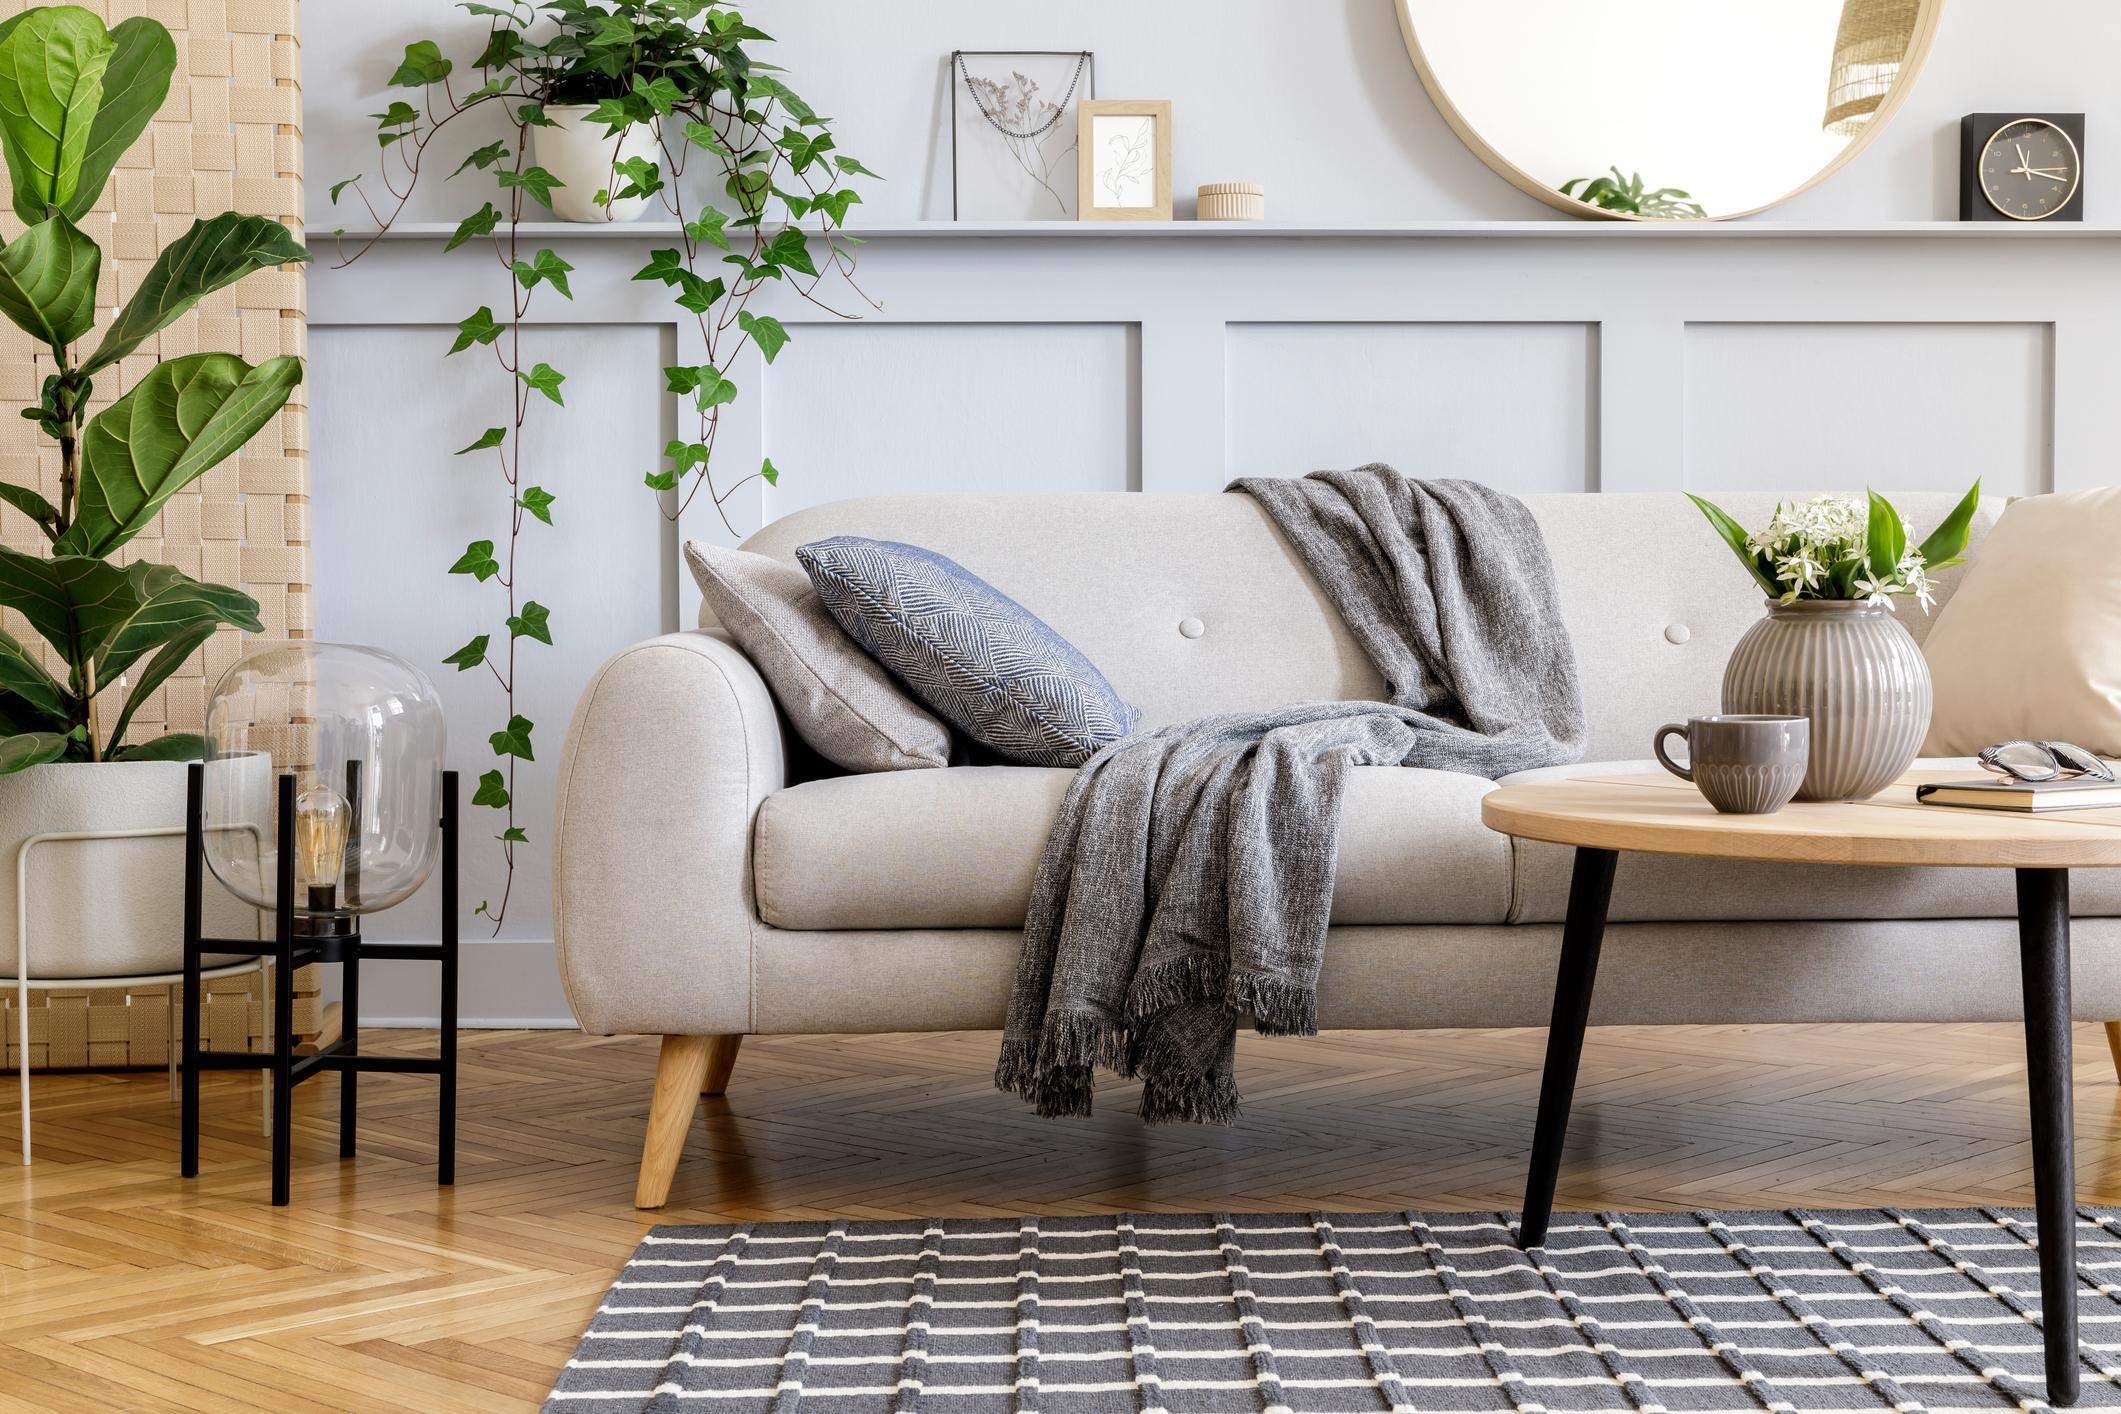 Aranżacja salonu – jak przeprowadzić metamorfozę wnętrza? 1